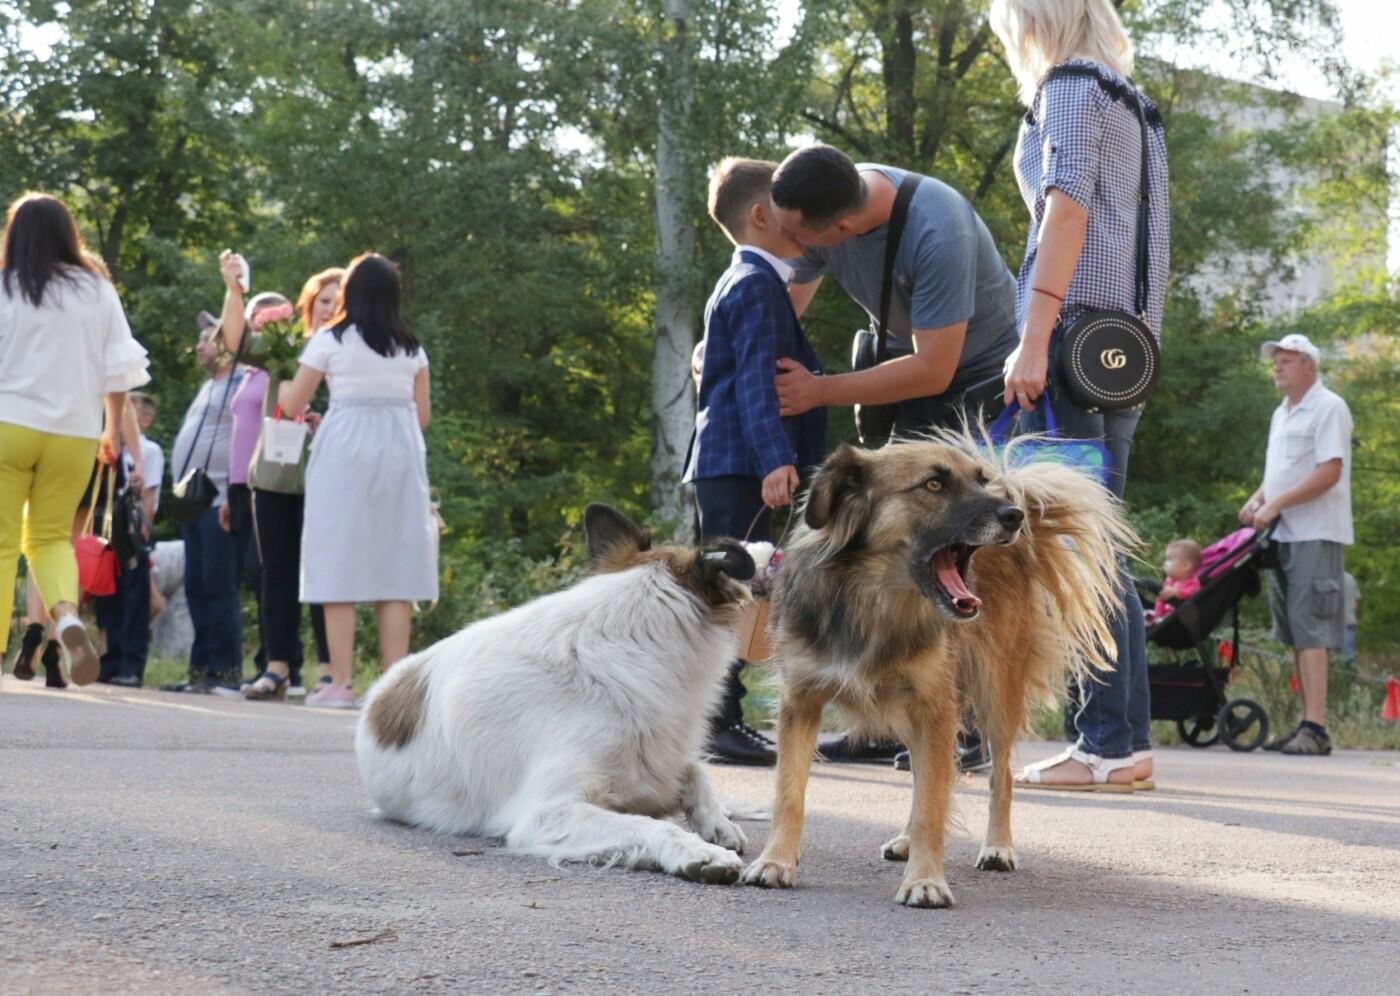 Первый звонок в Новой украинской школе: четыре тысячи первоклашек сели за парты в Мариуполе, - ФОТОРЕПОРТАЖ, фото-17